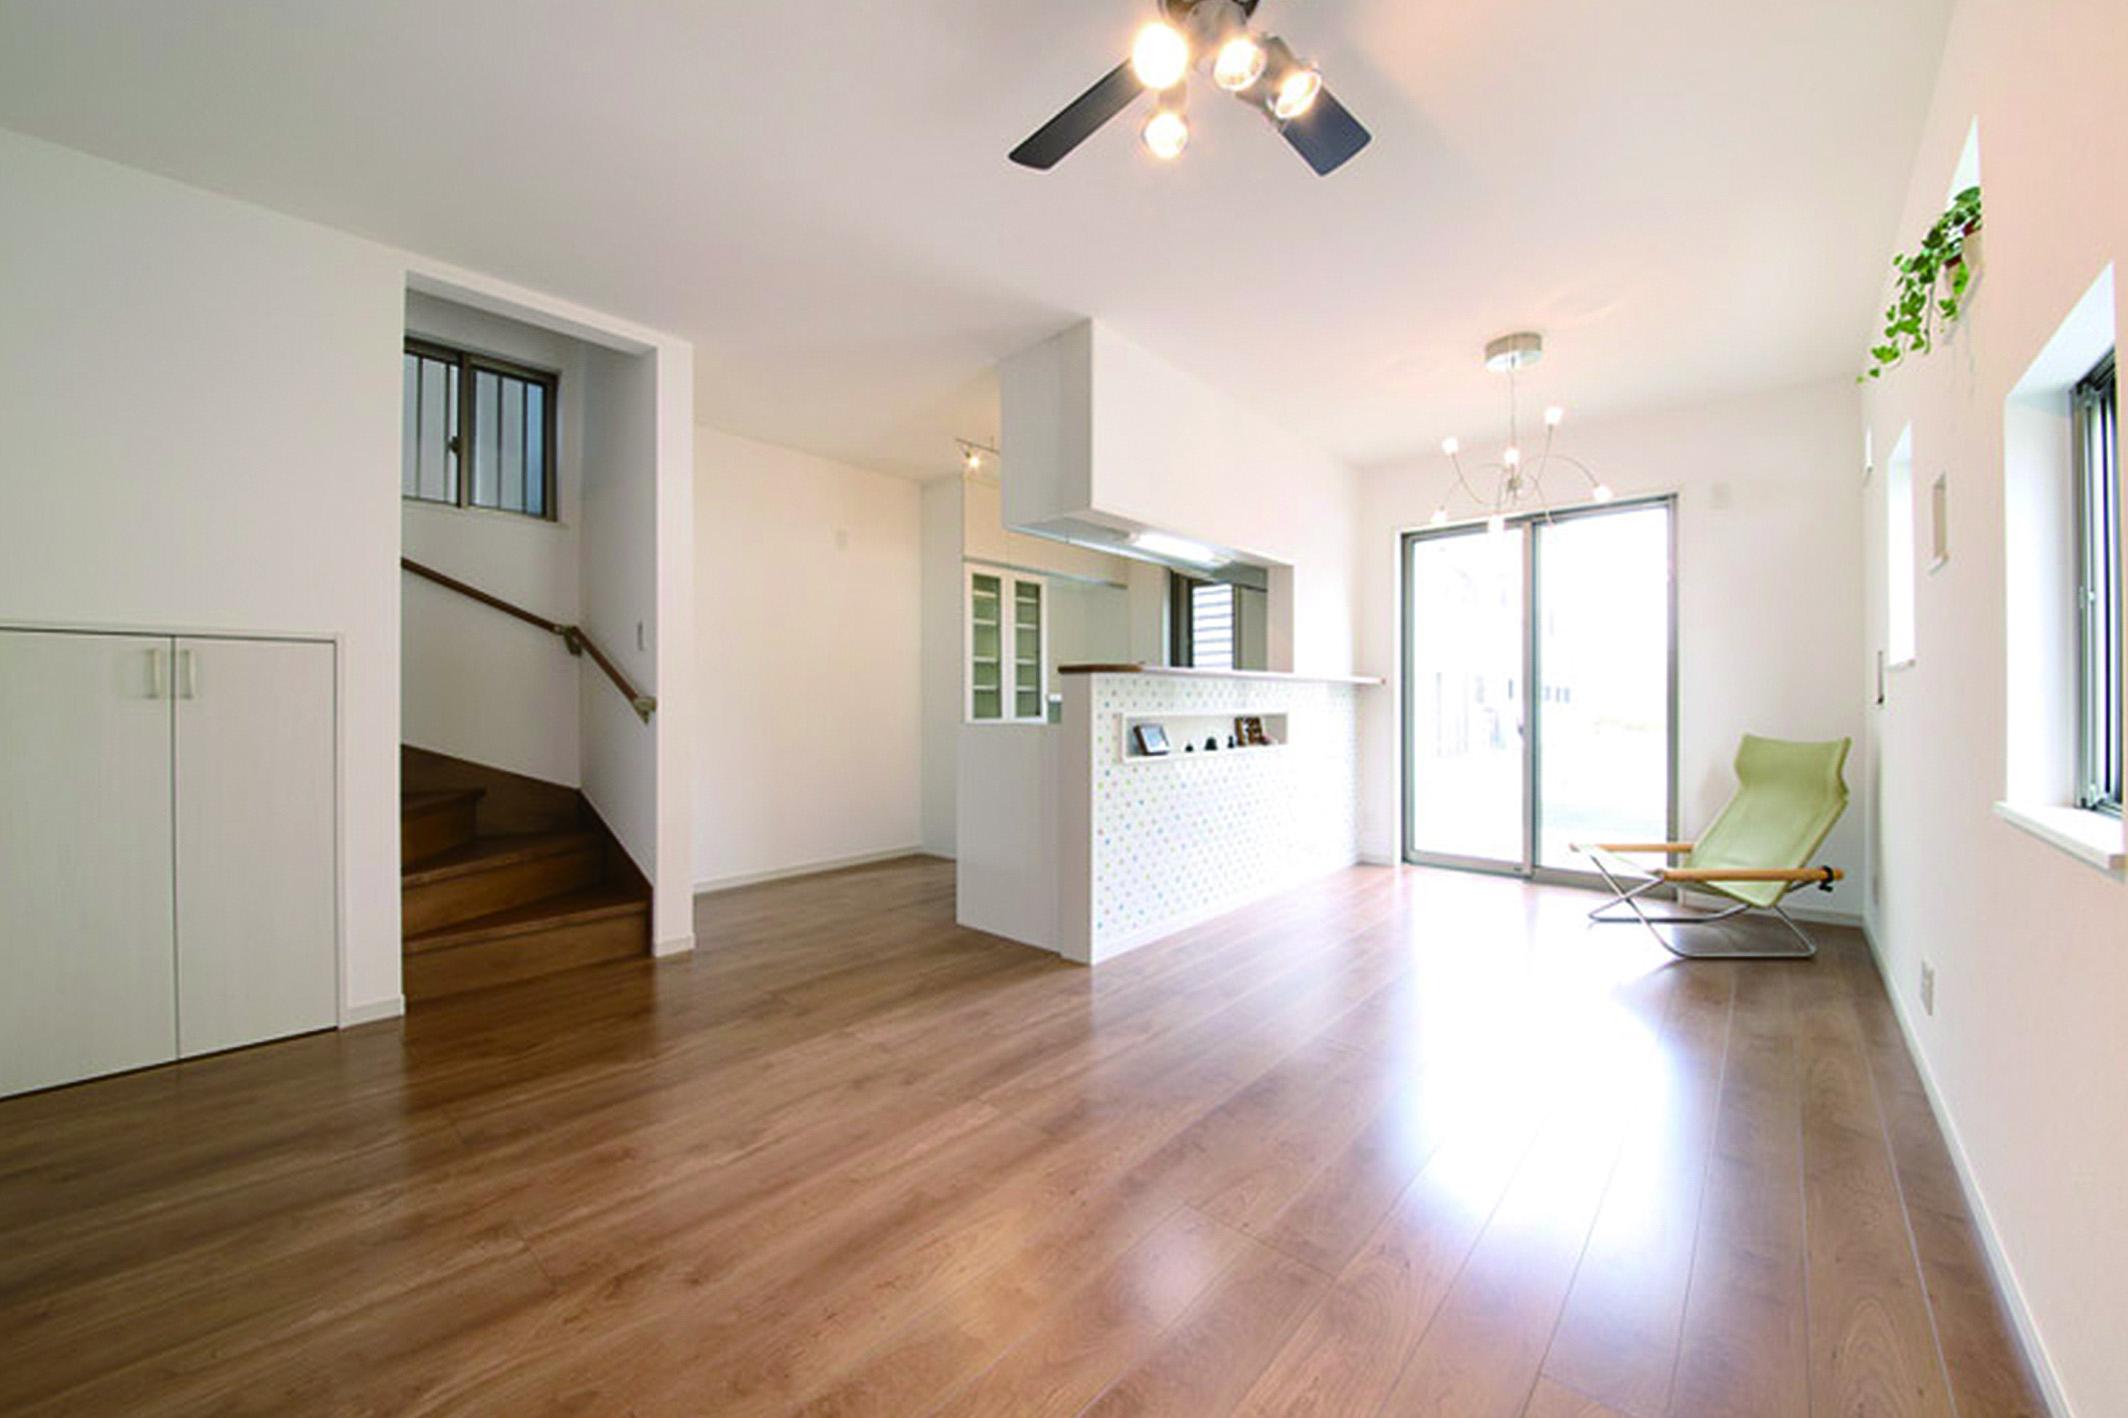 南向きの注文住宅対応区画で理想の住まいを実現できます。